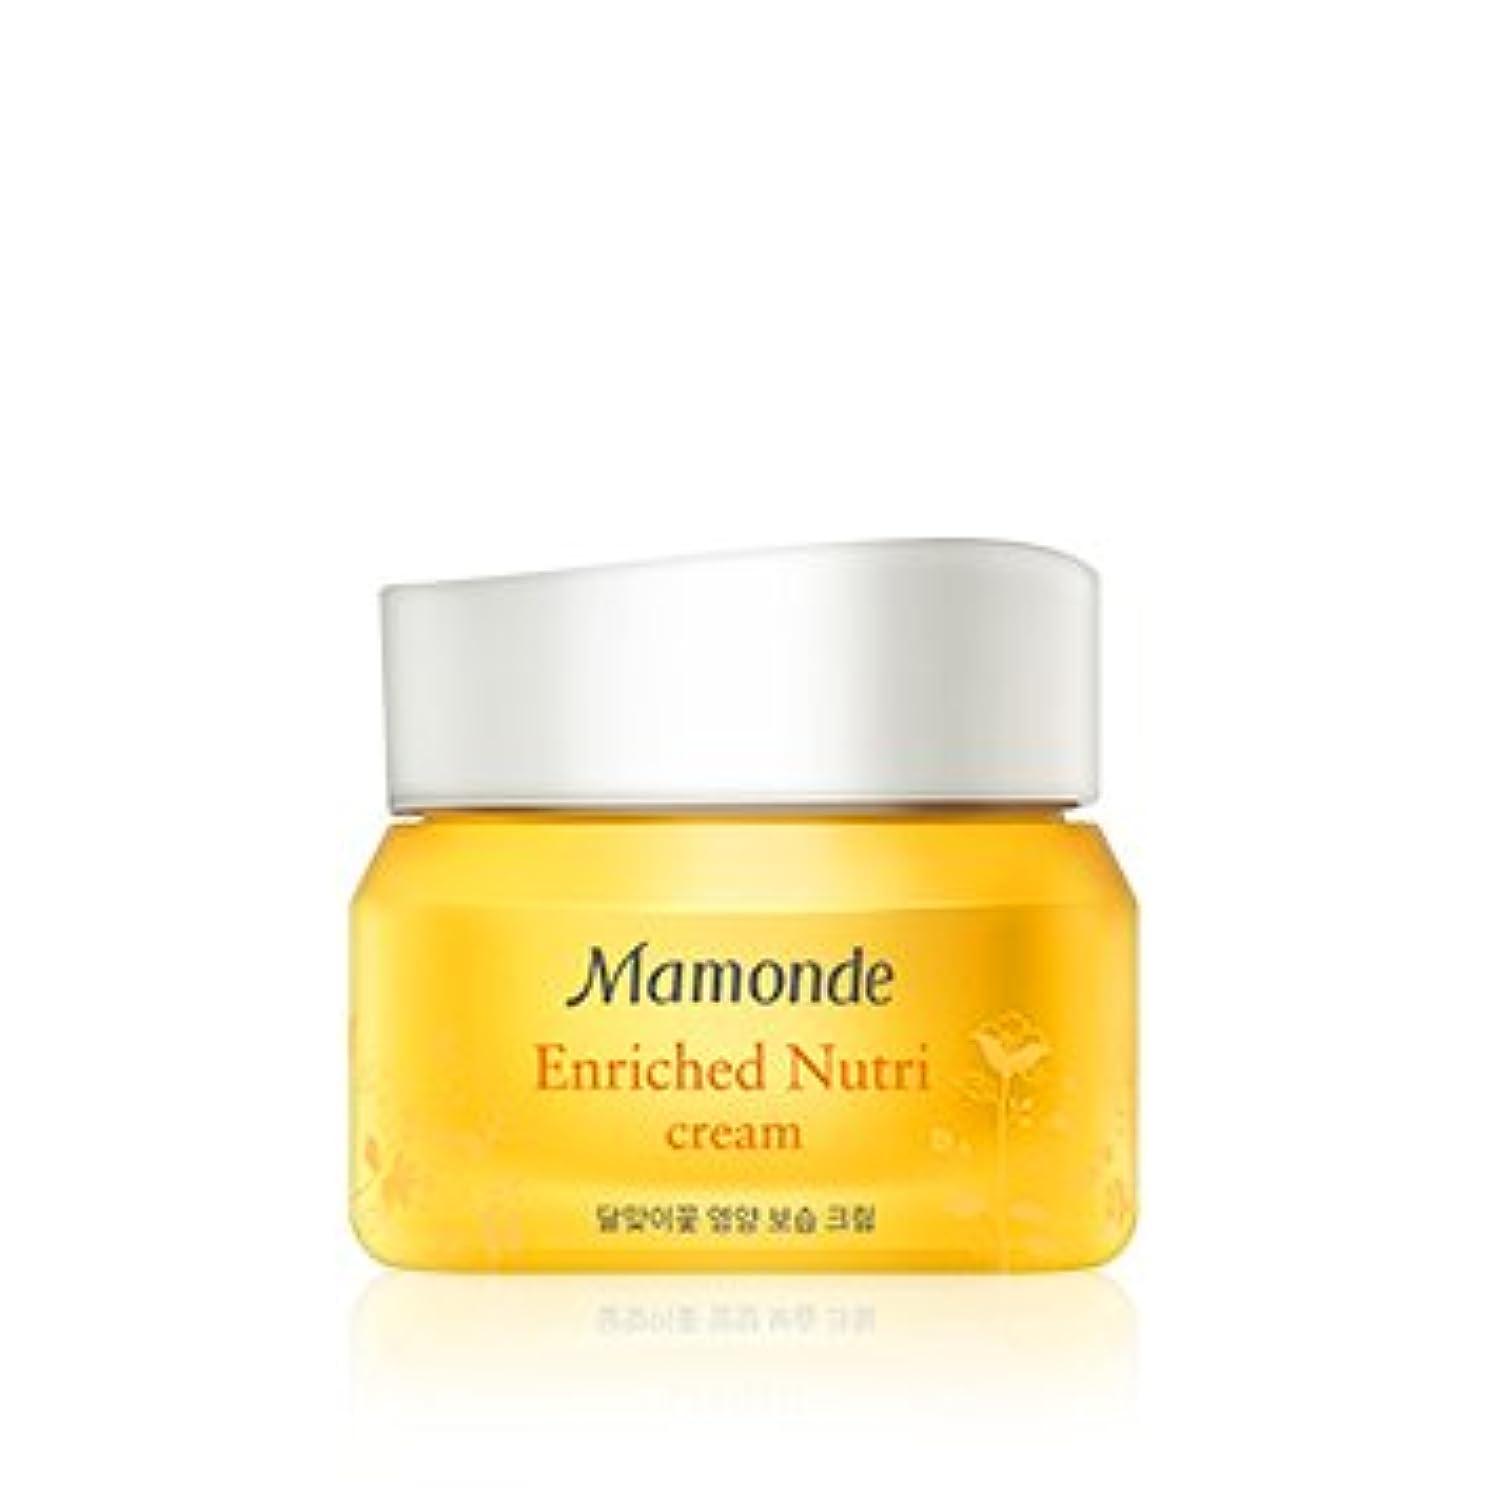 インタネットを見る解釈する舌な[New] Mamonde Enriched Nutri Cream 50ml/マモンド エンリッチド ニュートリ クリーム 50ml [並行輸入品]